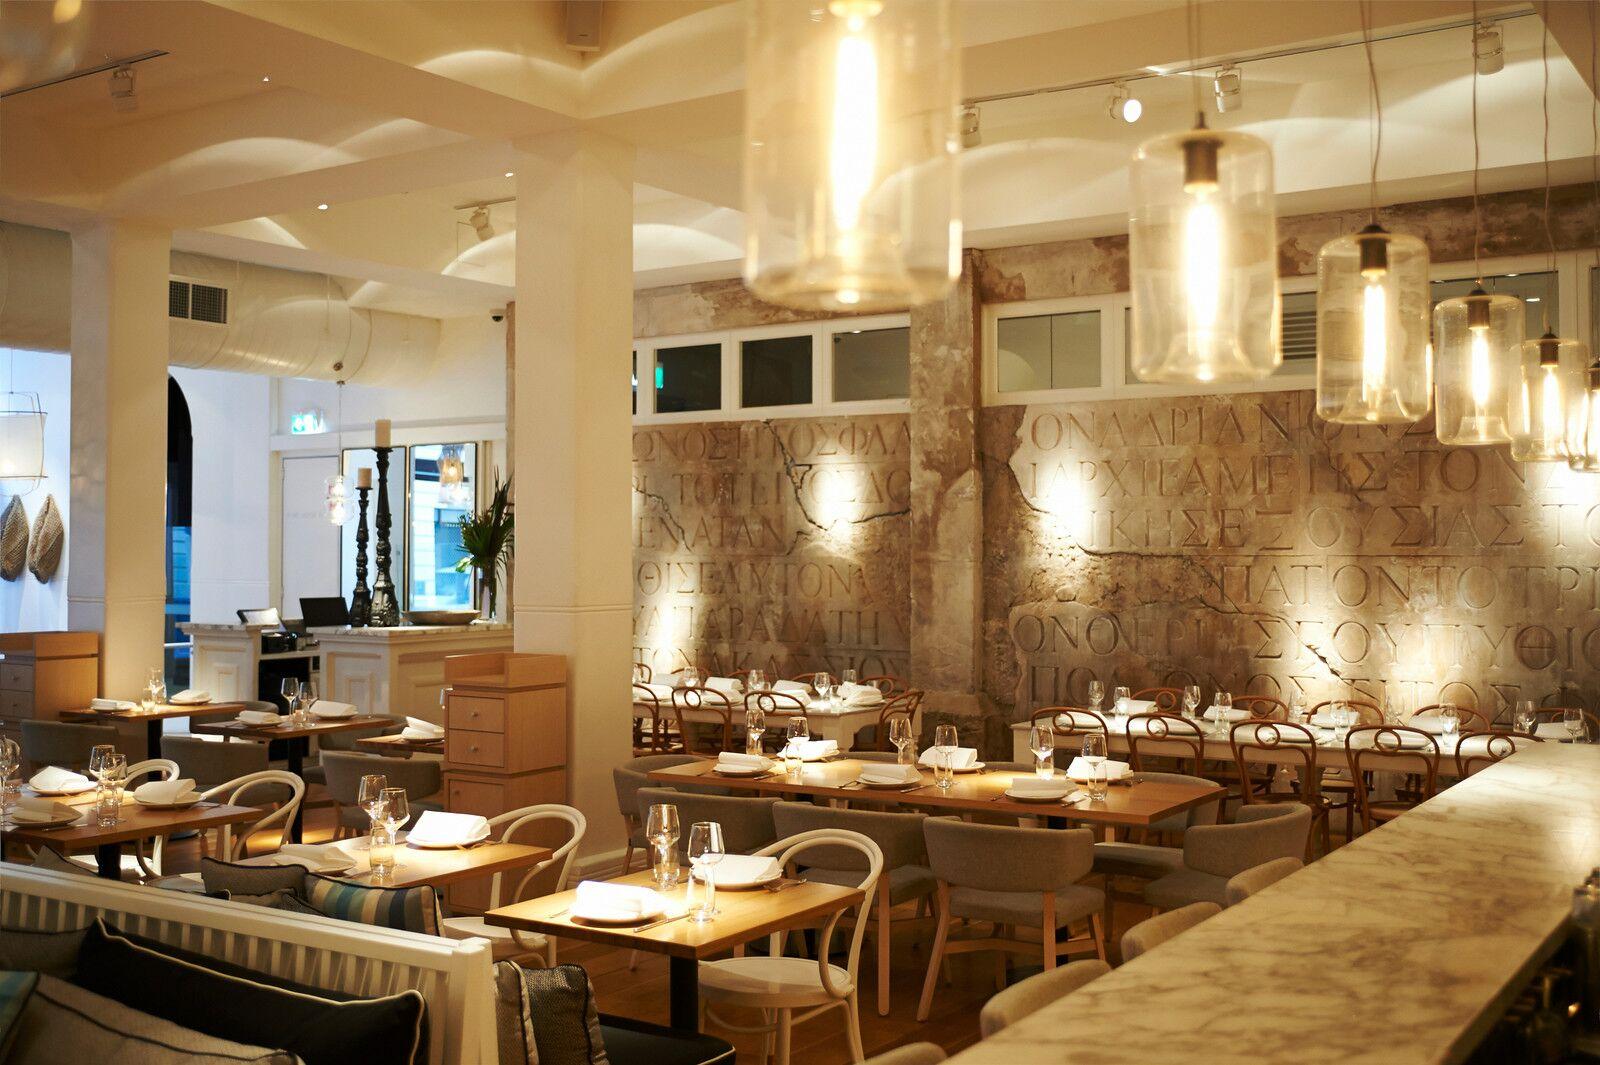 apolloa-restaurant apollo-sydney renya-xydis renya-xydis-valonz valonz-sydney valonz-salon